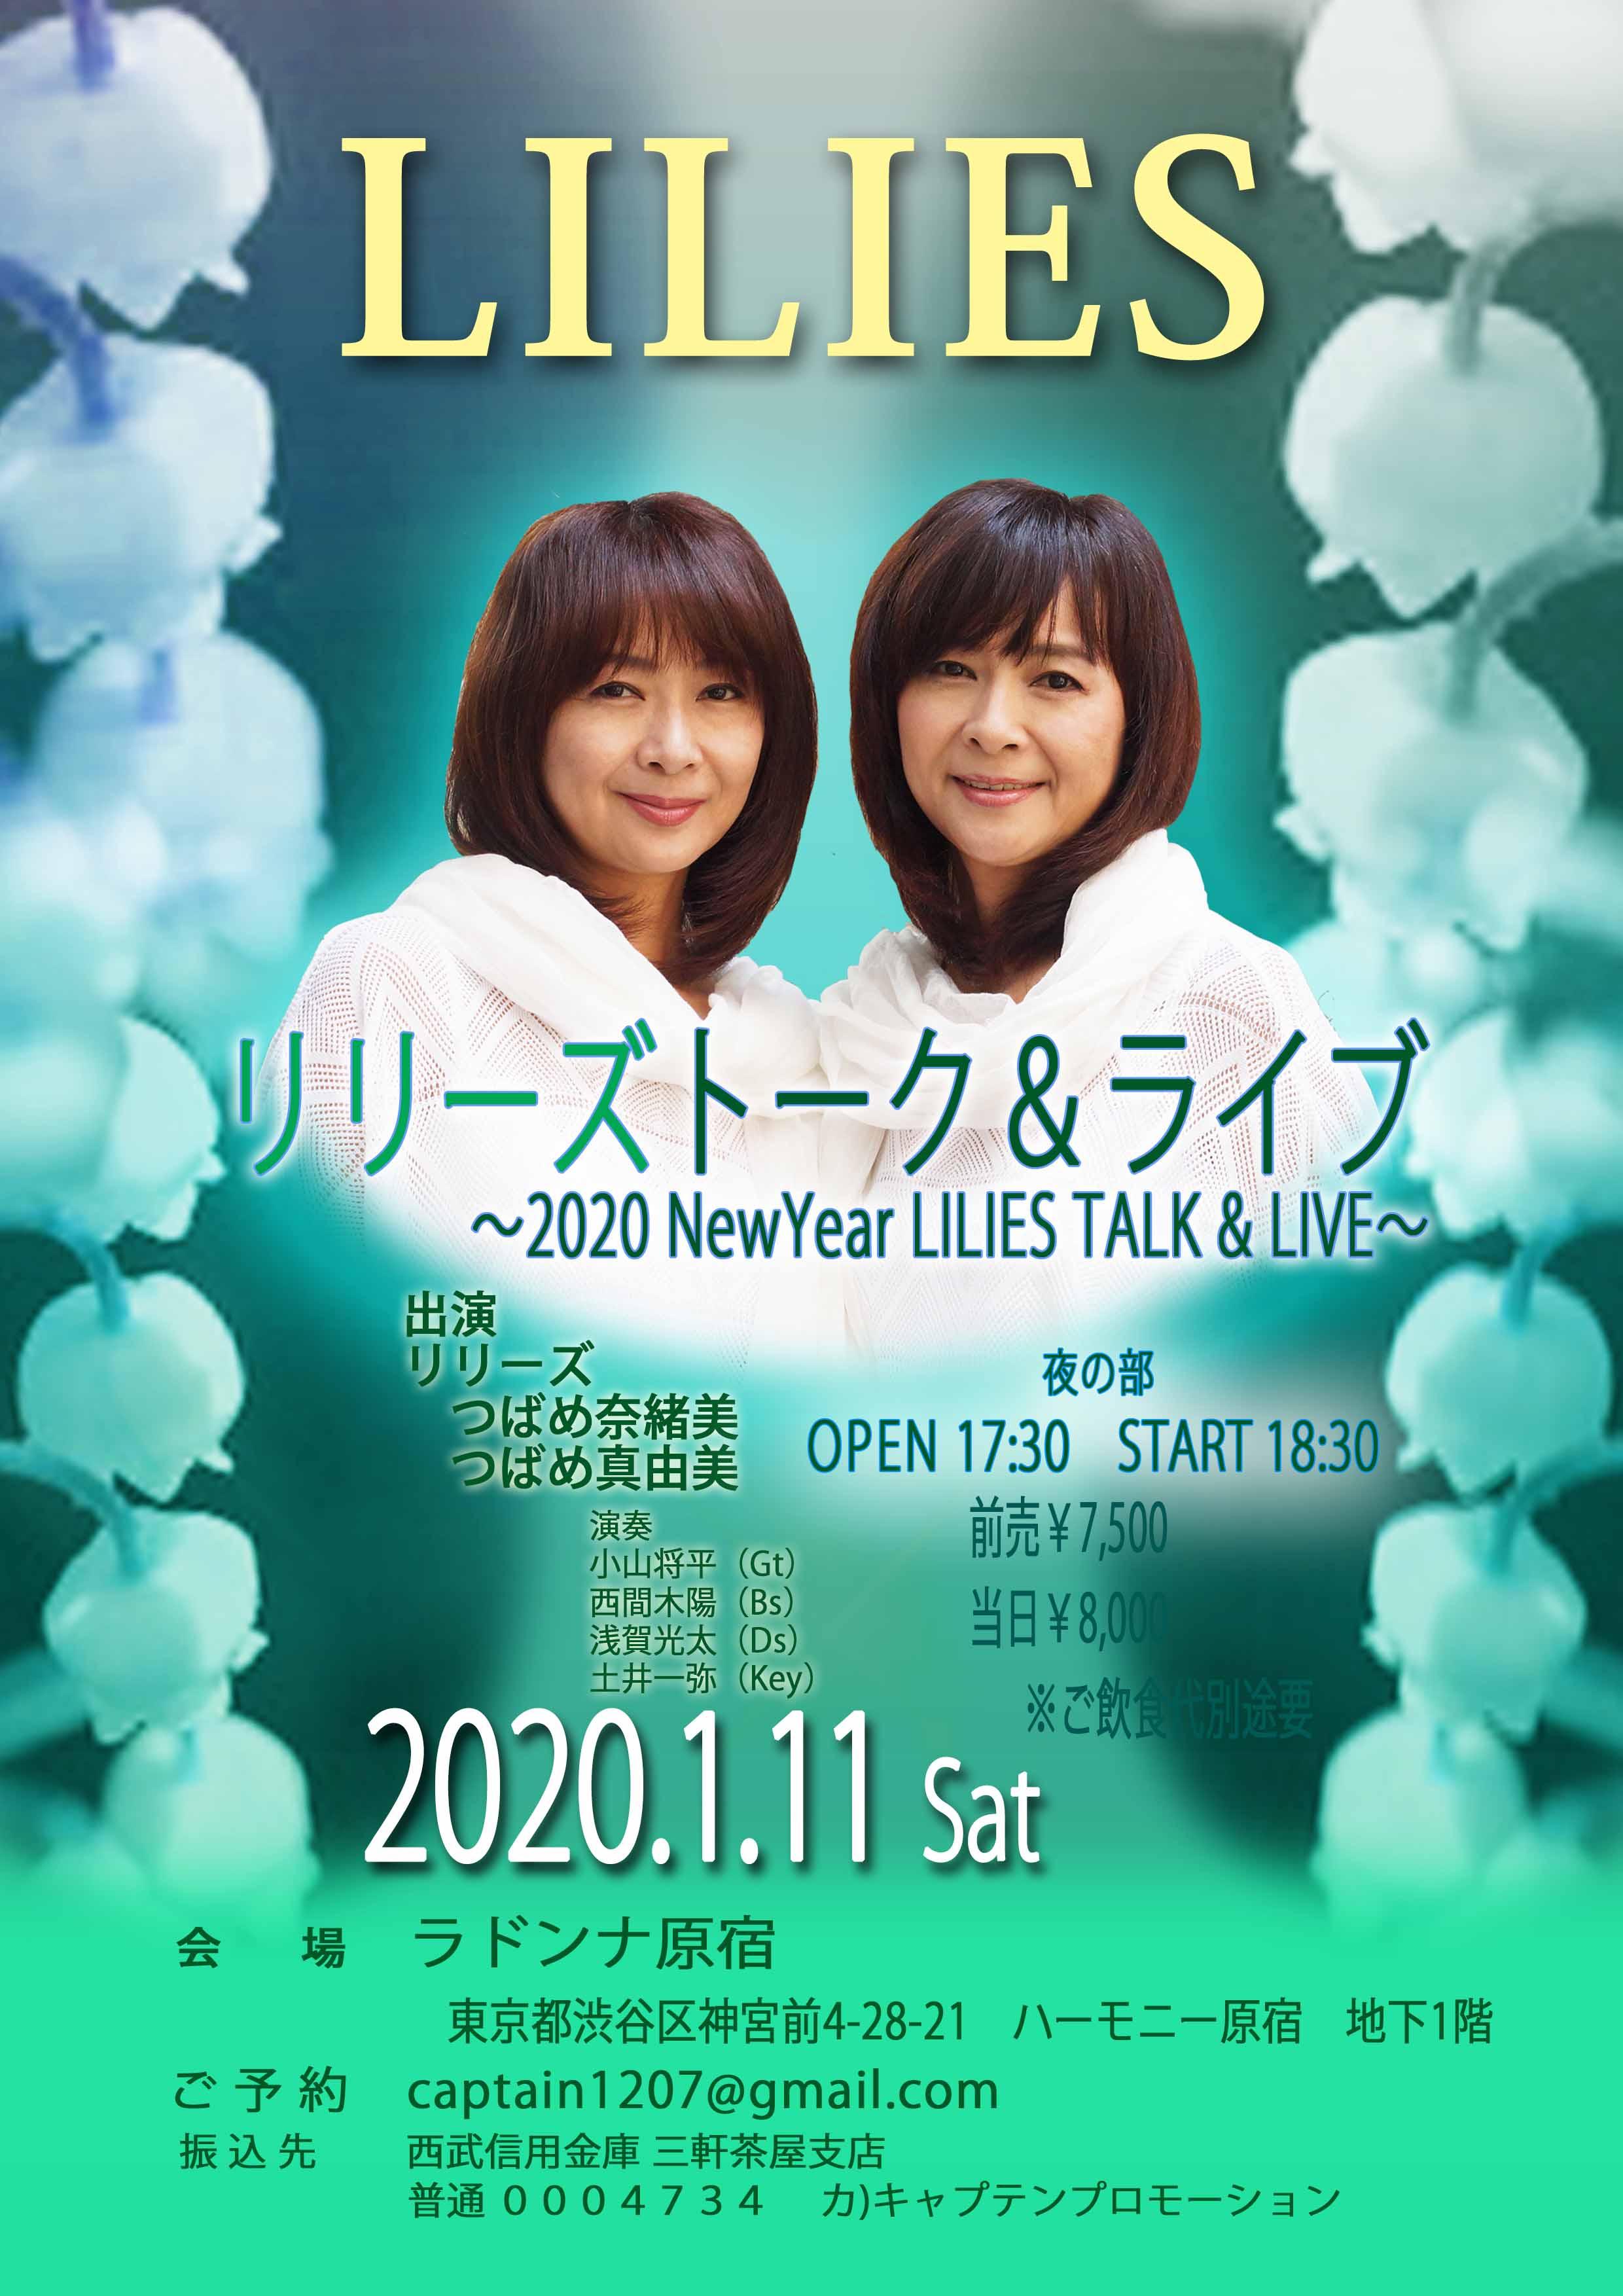 リリーズ トーク&ライブ  〜2020 NewYeay LILIES TALK&LIVE~